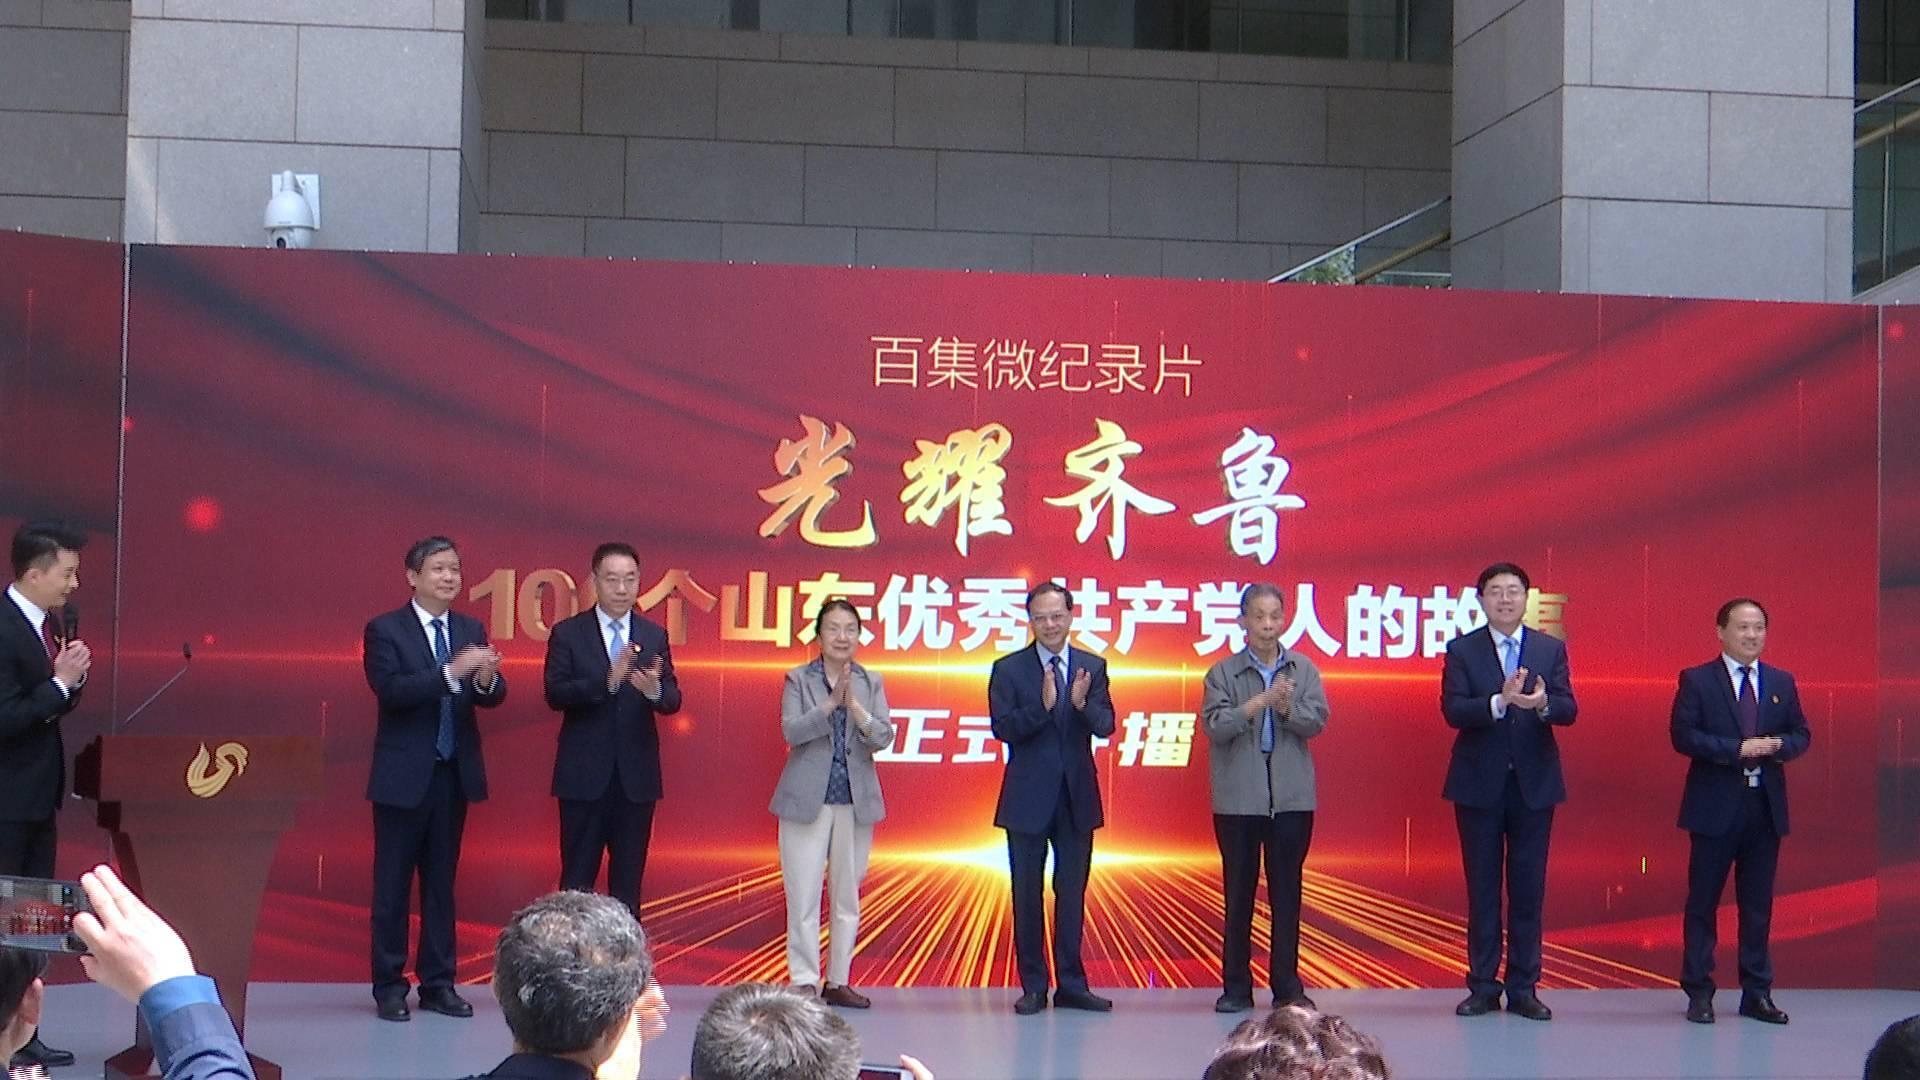 百集微纪录片《光耀齐鲁——100个山东优秀共产党人的故事》开播仪式举行